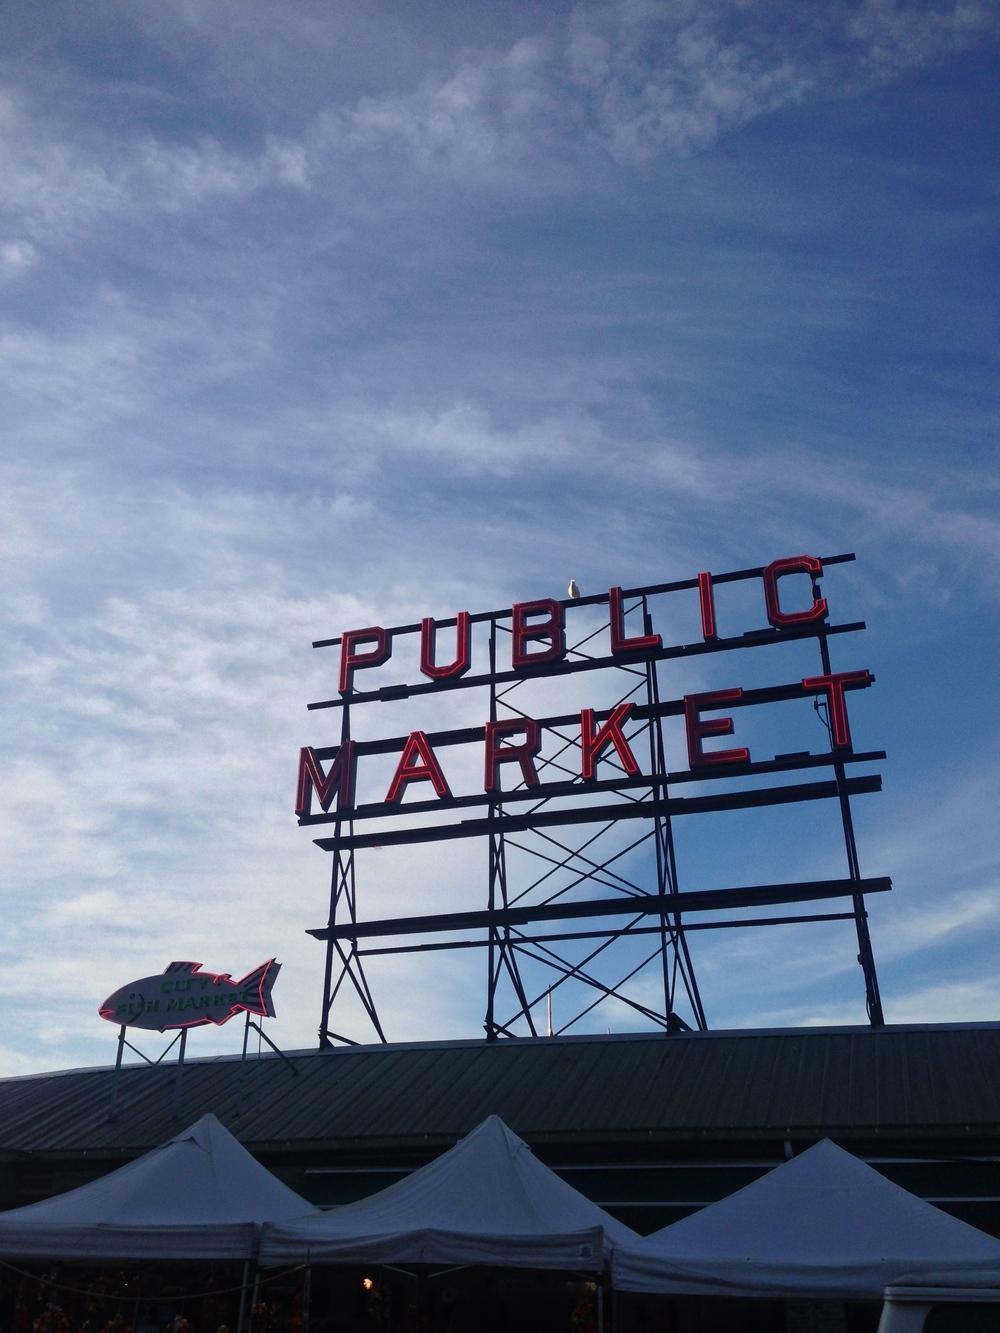 seattle-public-market